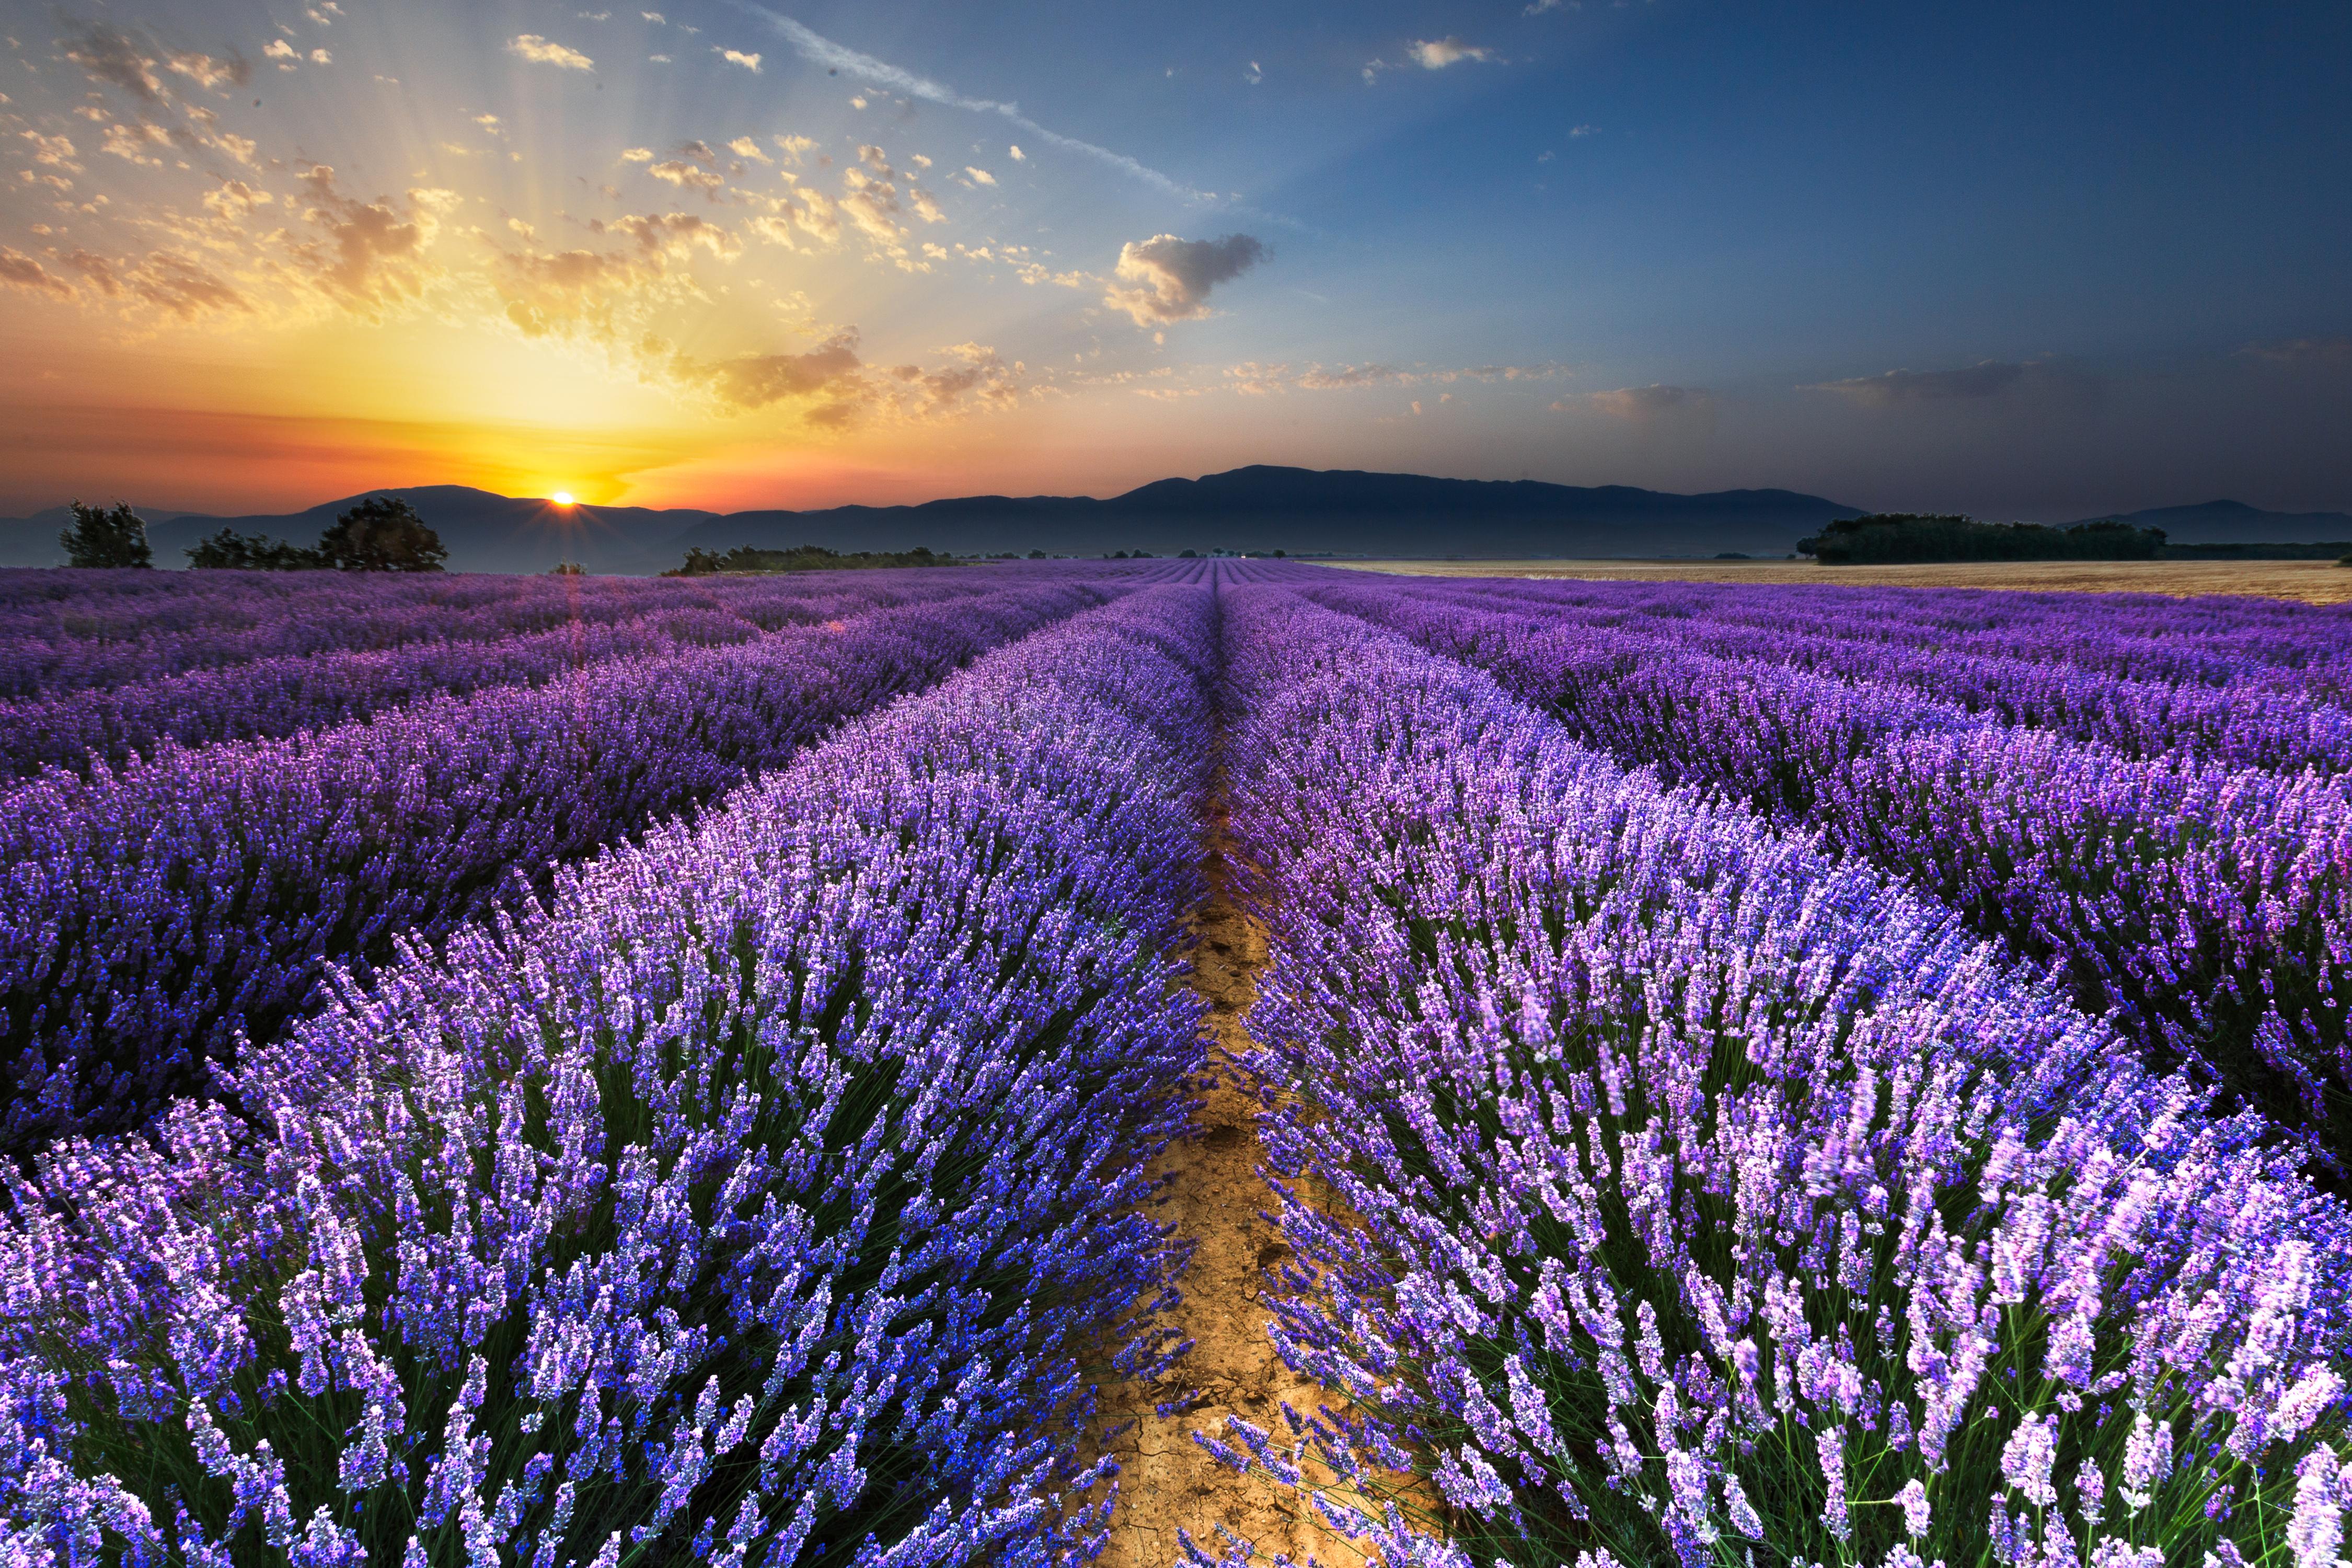 52836 Hintergrundbild herunterladen Lavendel, Feld, Natur, Blumen, Horizont - Bildschirmschoner und Bilder kostenlos